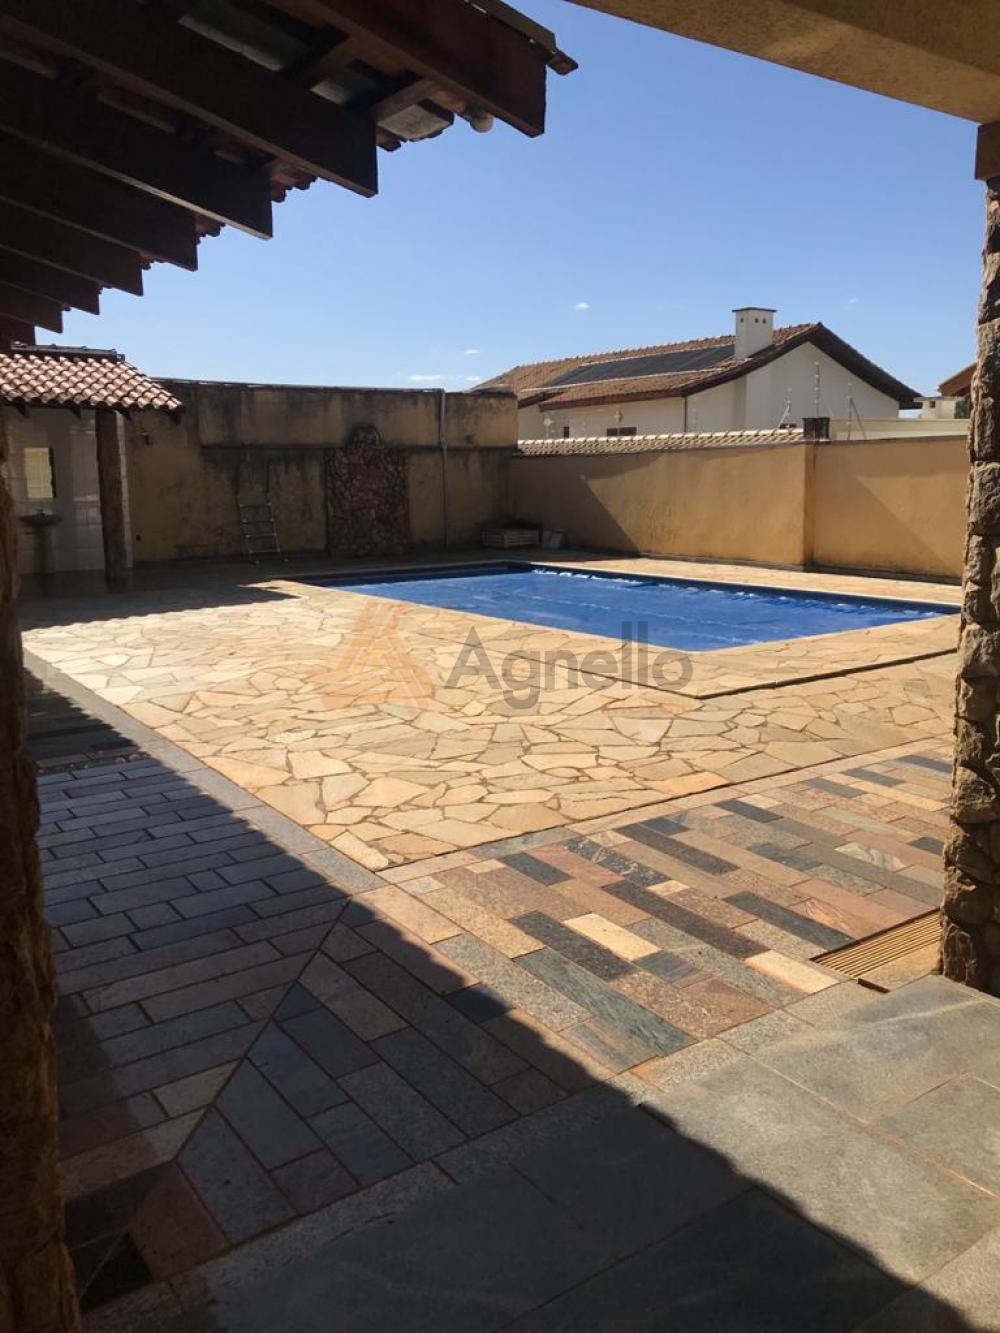 Comprar Casa / Padrão em Franca apenas R$ 1.400.000,00 - Foto 23